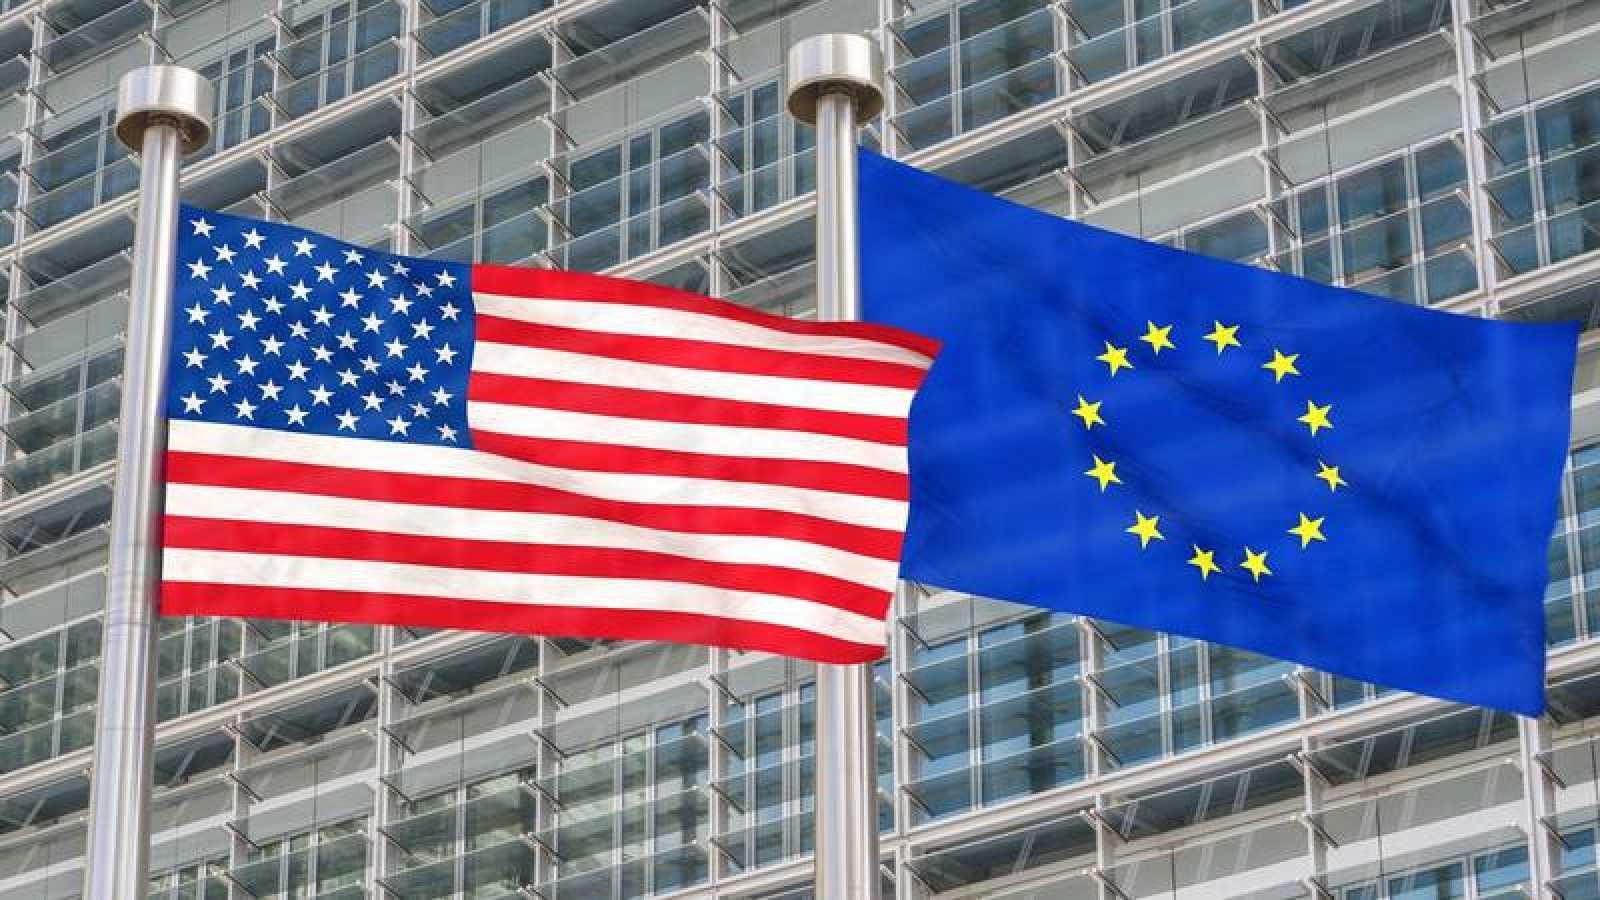 La UE y EEUU acuerdan una reducción mutua de aranceles | RTVE.es